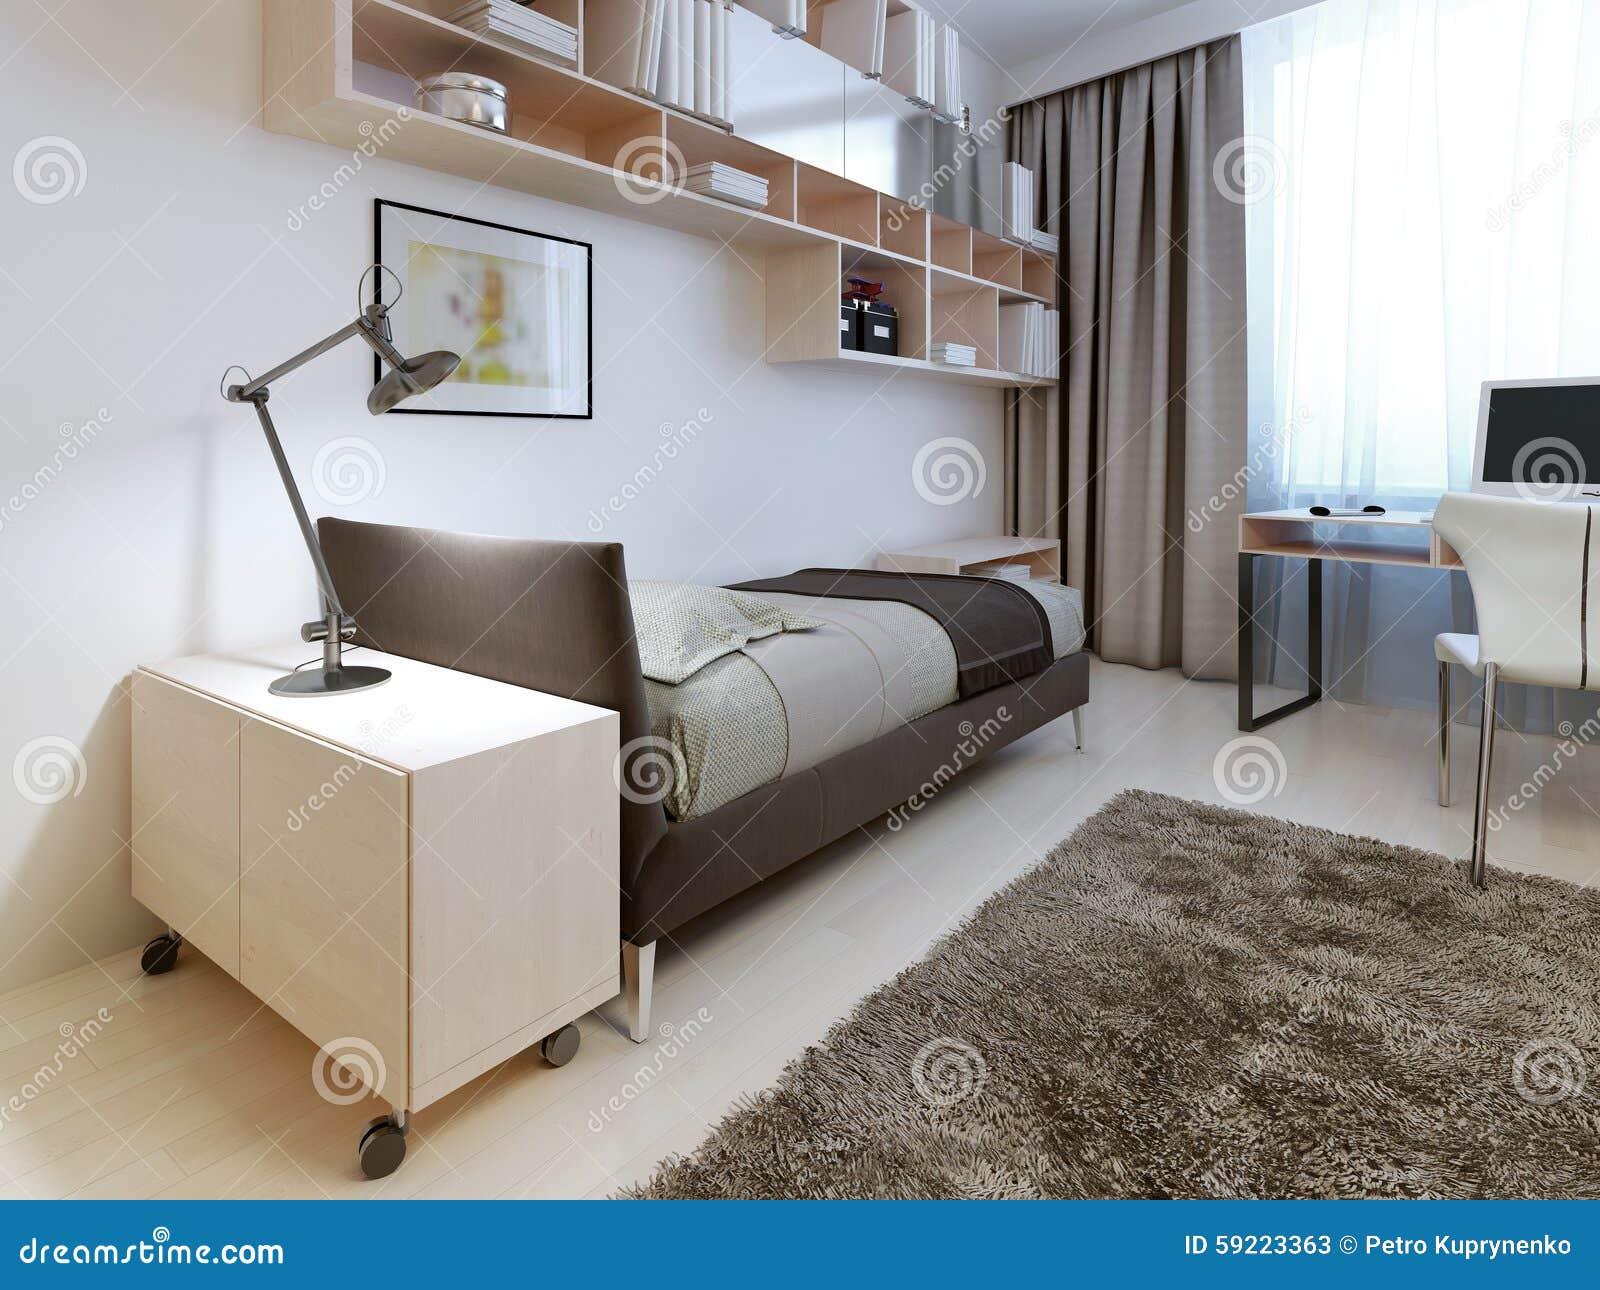 Camera da letto moderna stock photos royalty free images - Pareti camera da letto moderna ...